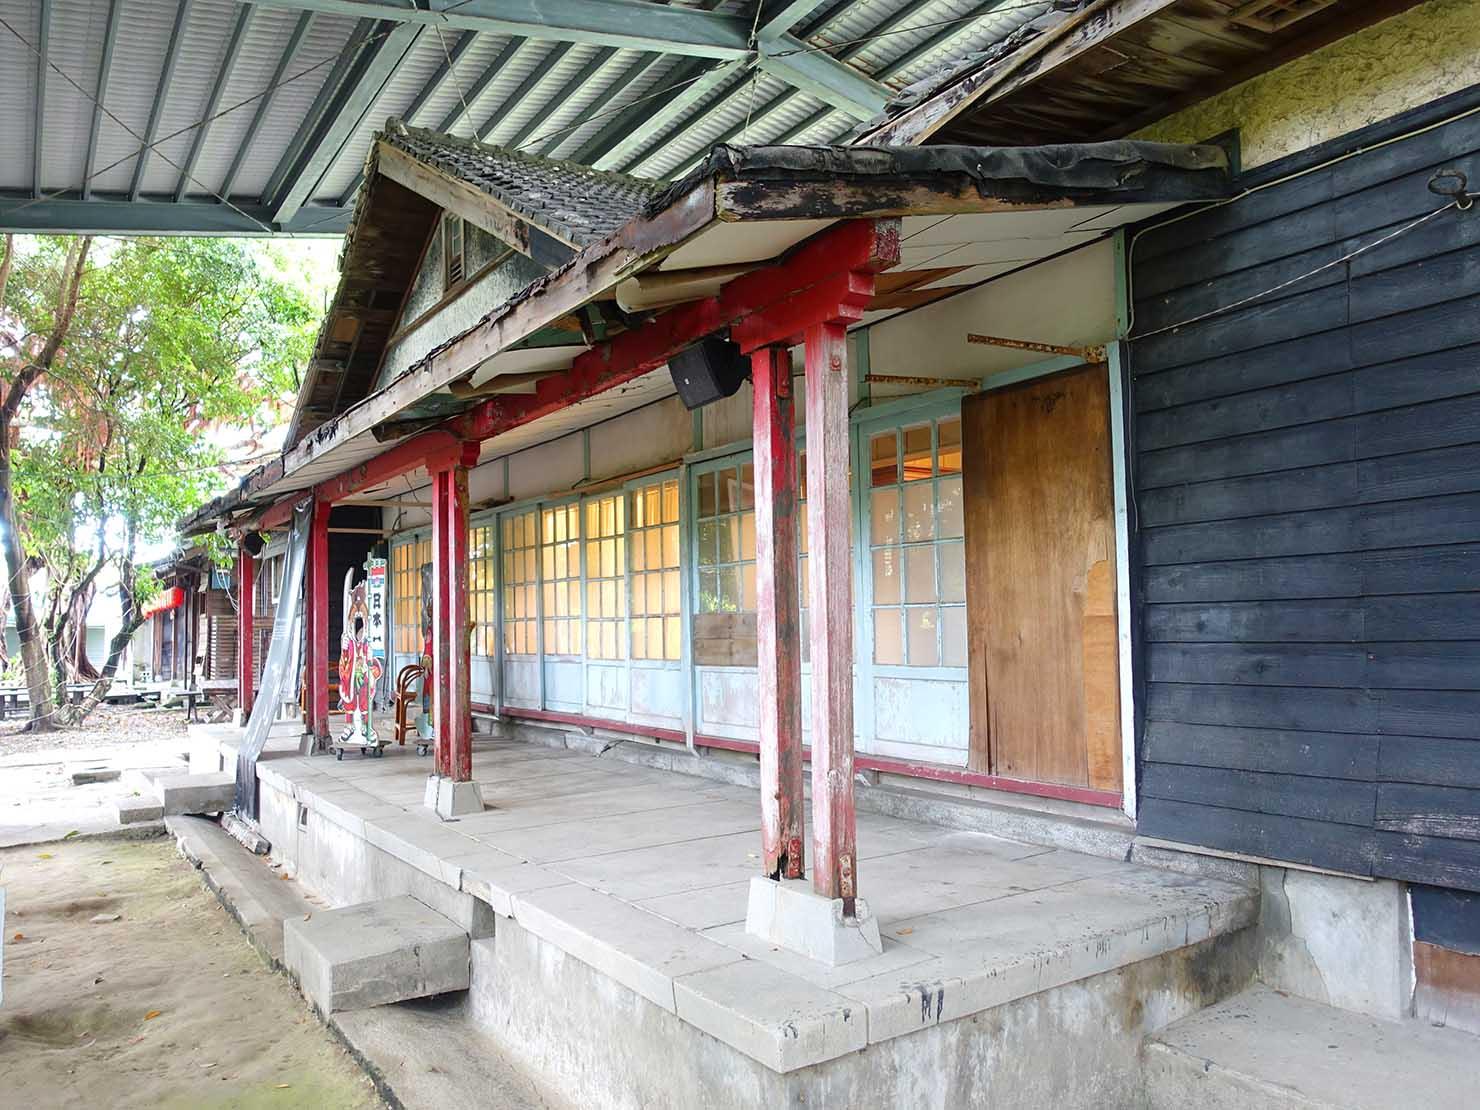 台湾・花蓮のおすすめ観光スポット「將軍府」の保護された家屋